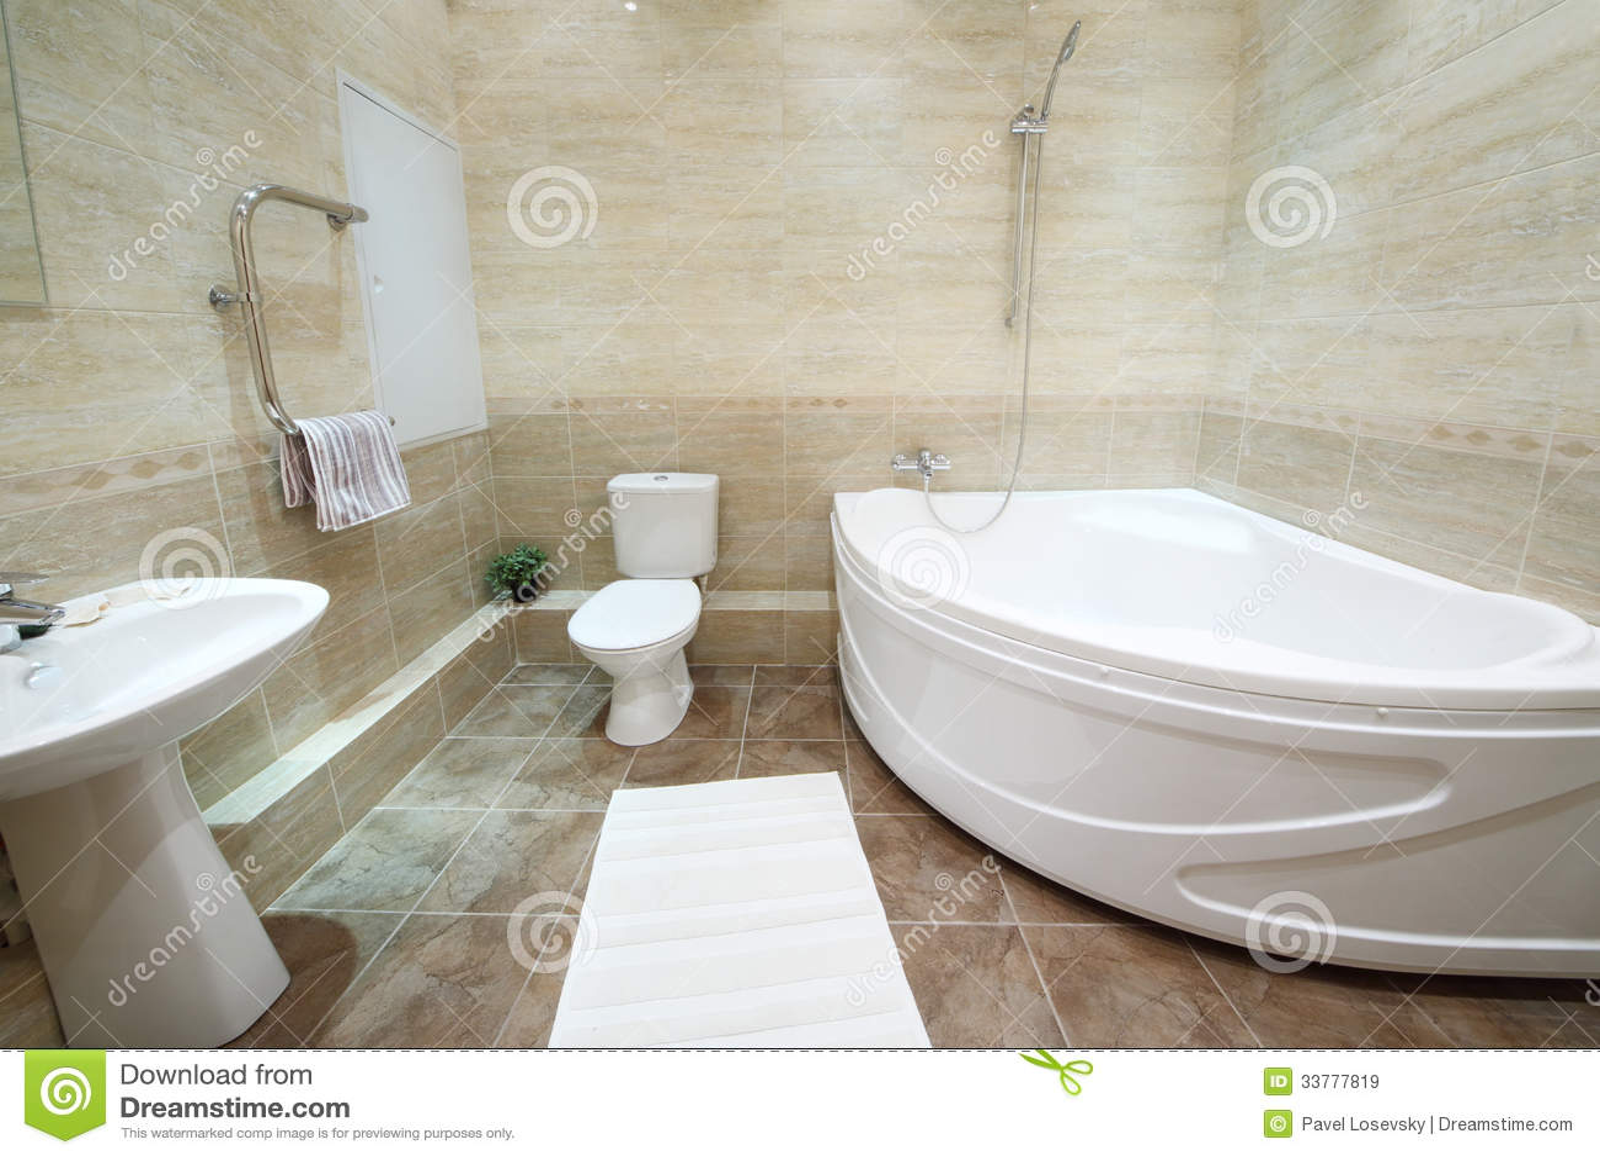 helles und sauberes badezimmer mit toilette mit fliesen auf boden lizenzfreie stockbilder bild. Black Bedroom Furniture Sets. Home Design Ideas